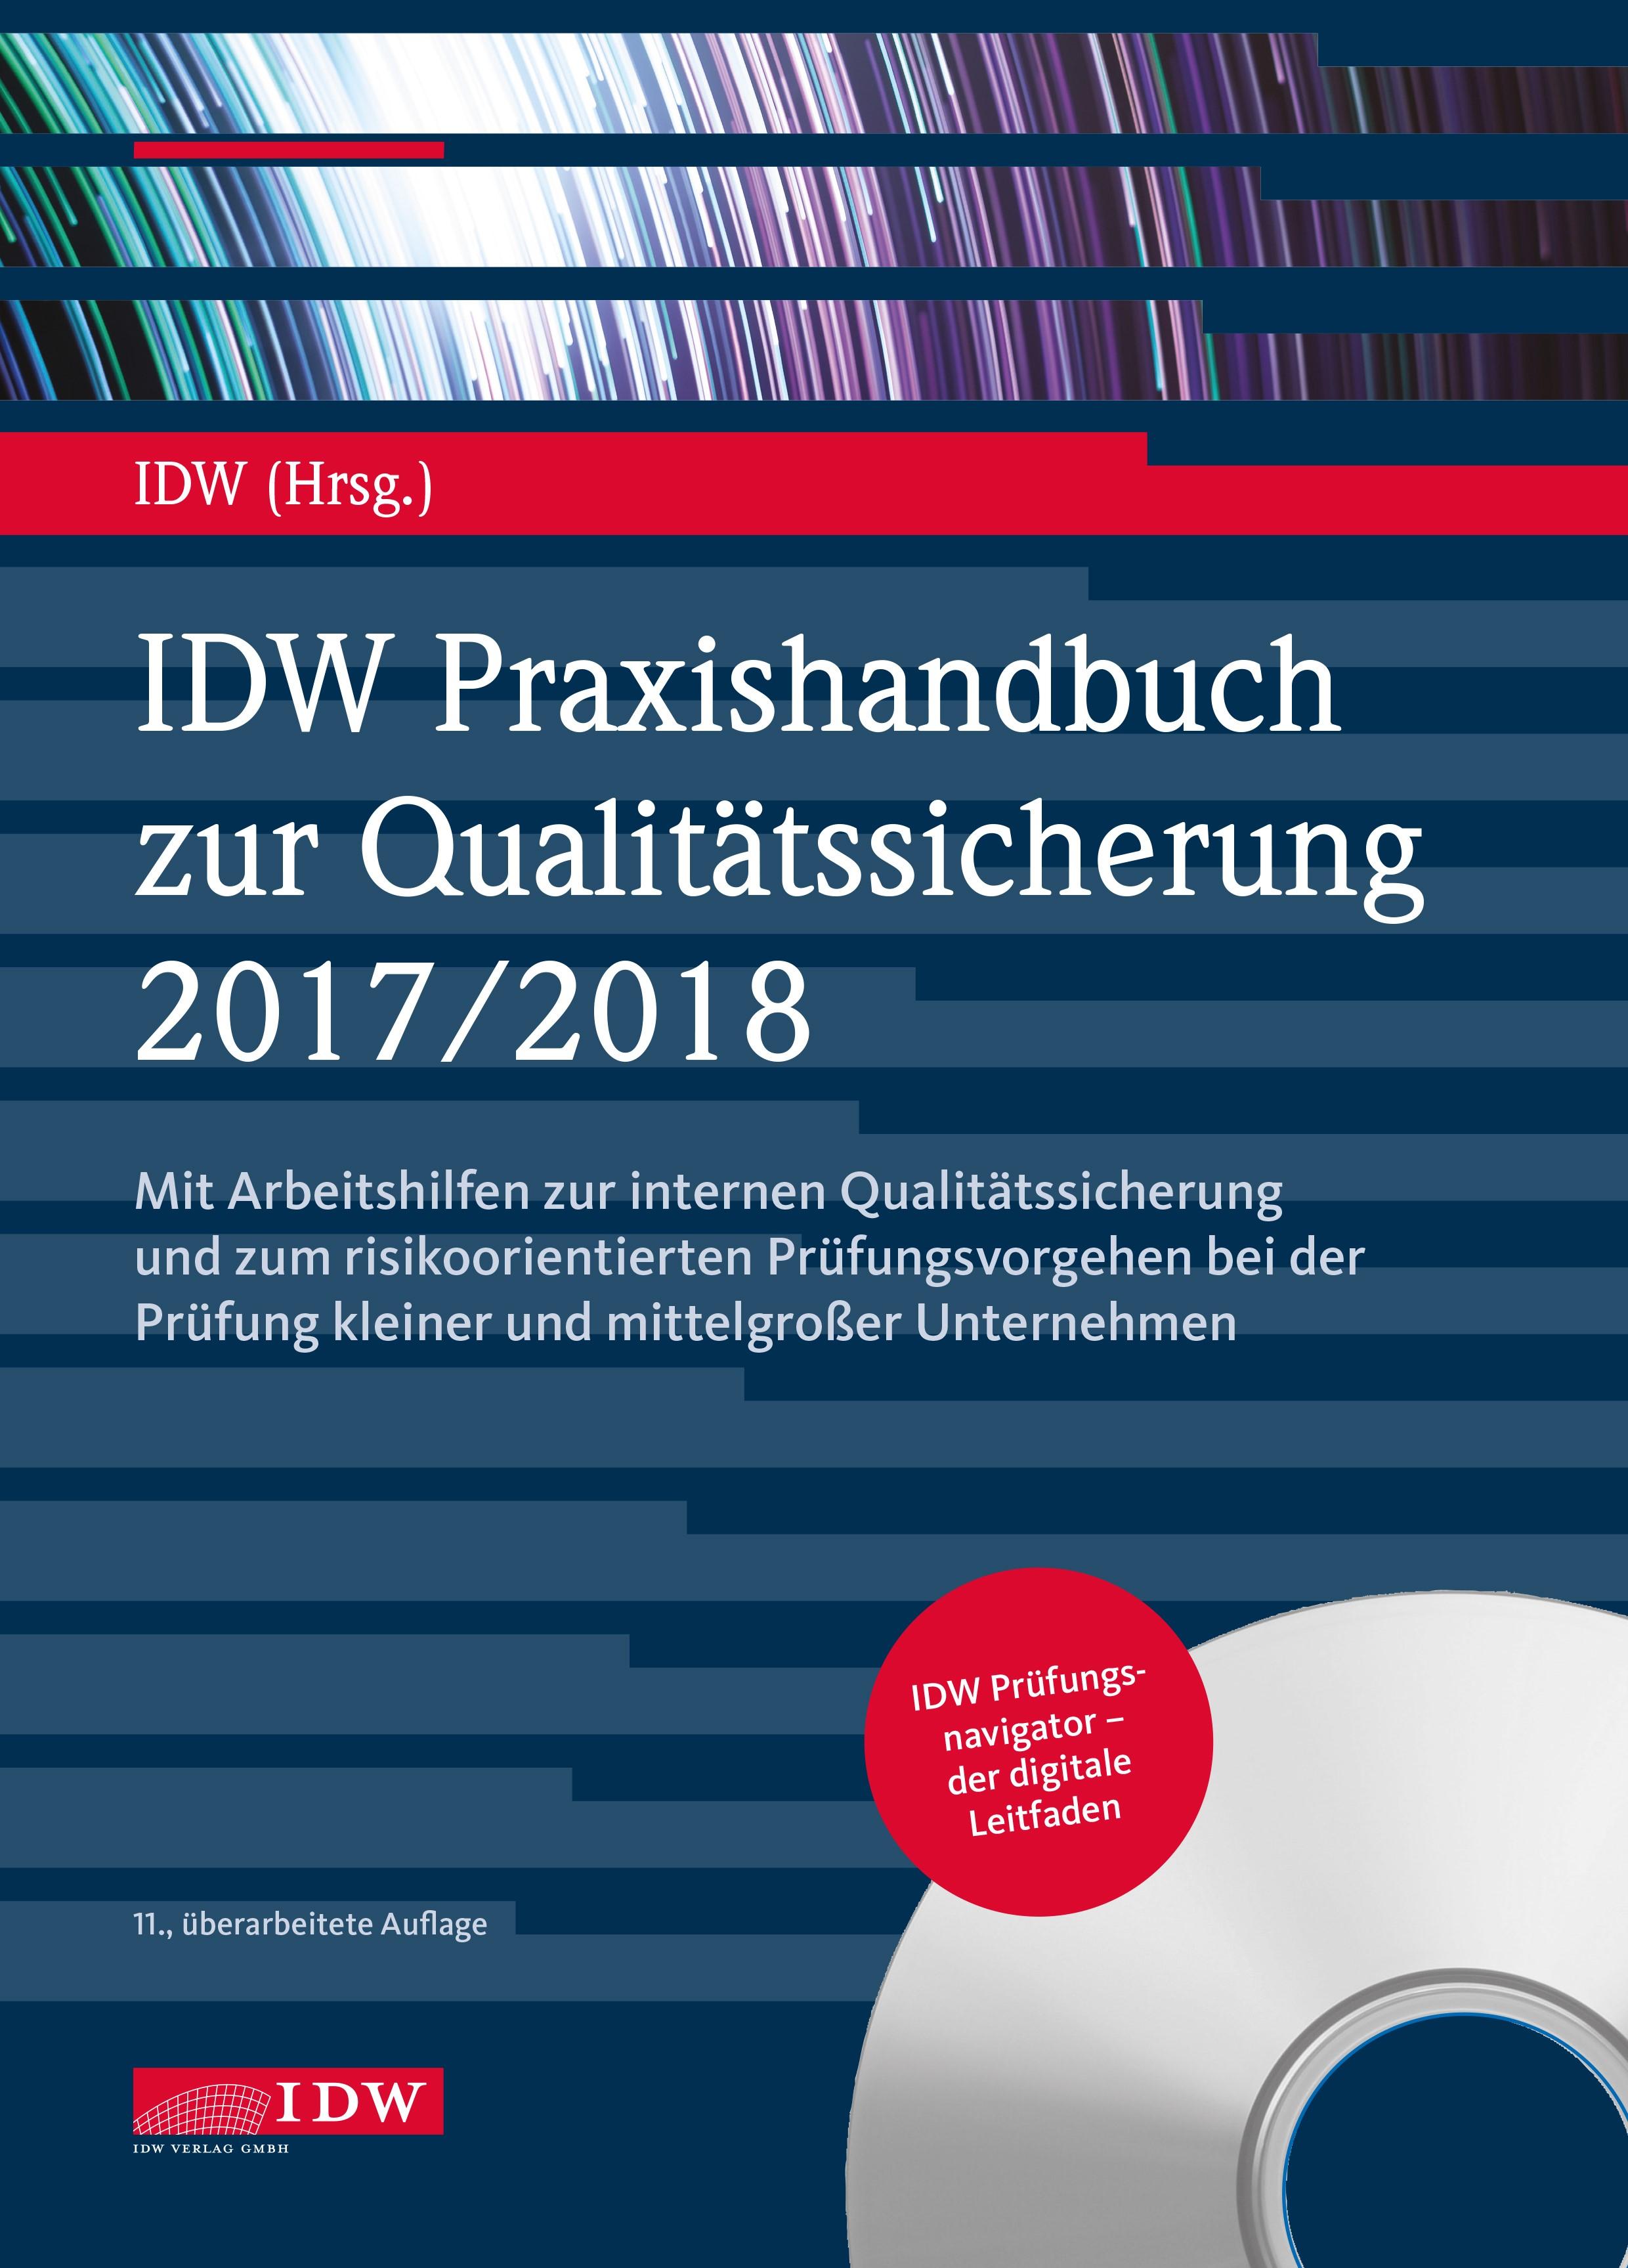 IDW Praxishandbuch zur Qualitätssicherung 2017/2018 | Institut der Wirtschaftsprüfer | 11., überarbeitete Auflage, mit Software zur effizienten Erstellung und Verwaltung von Arbeitspapieren Aufl., 2017 | Buch (Cover)